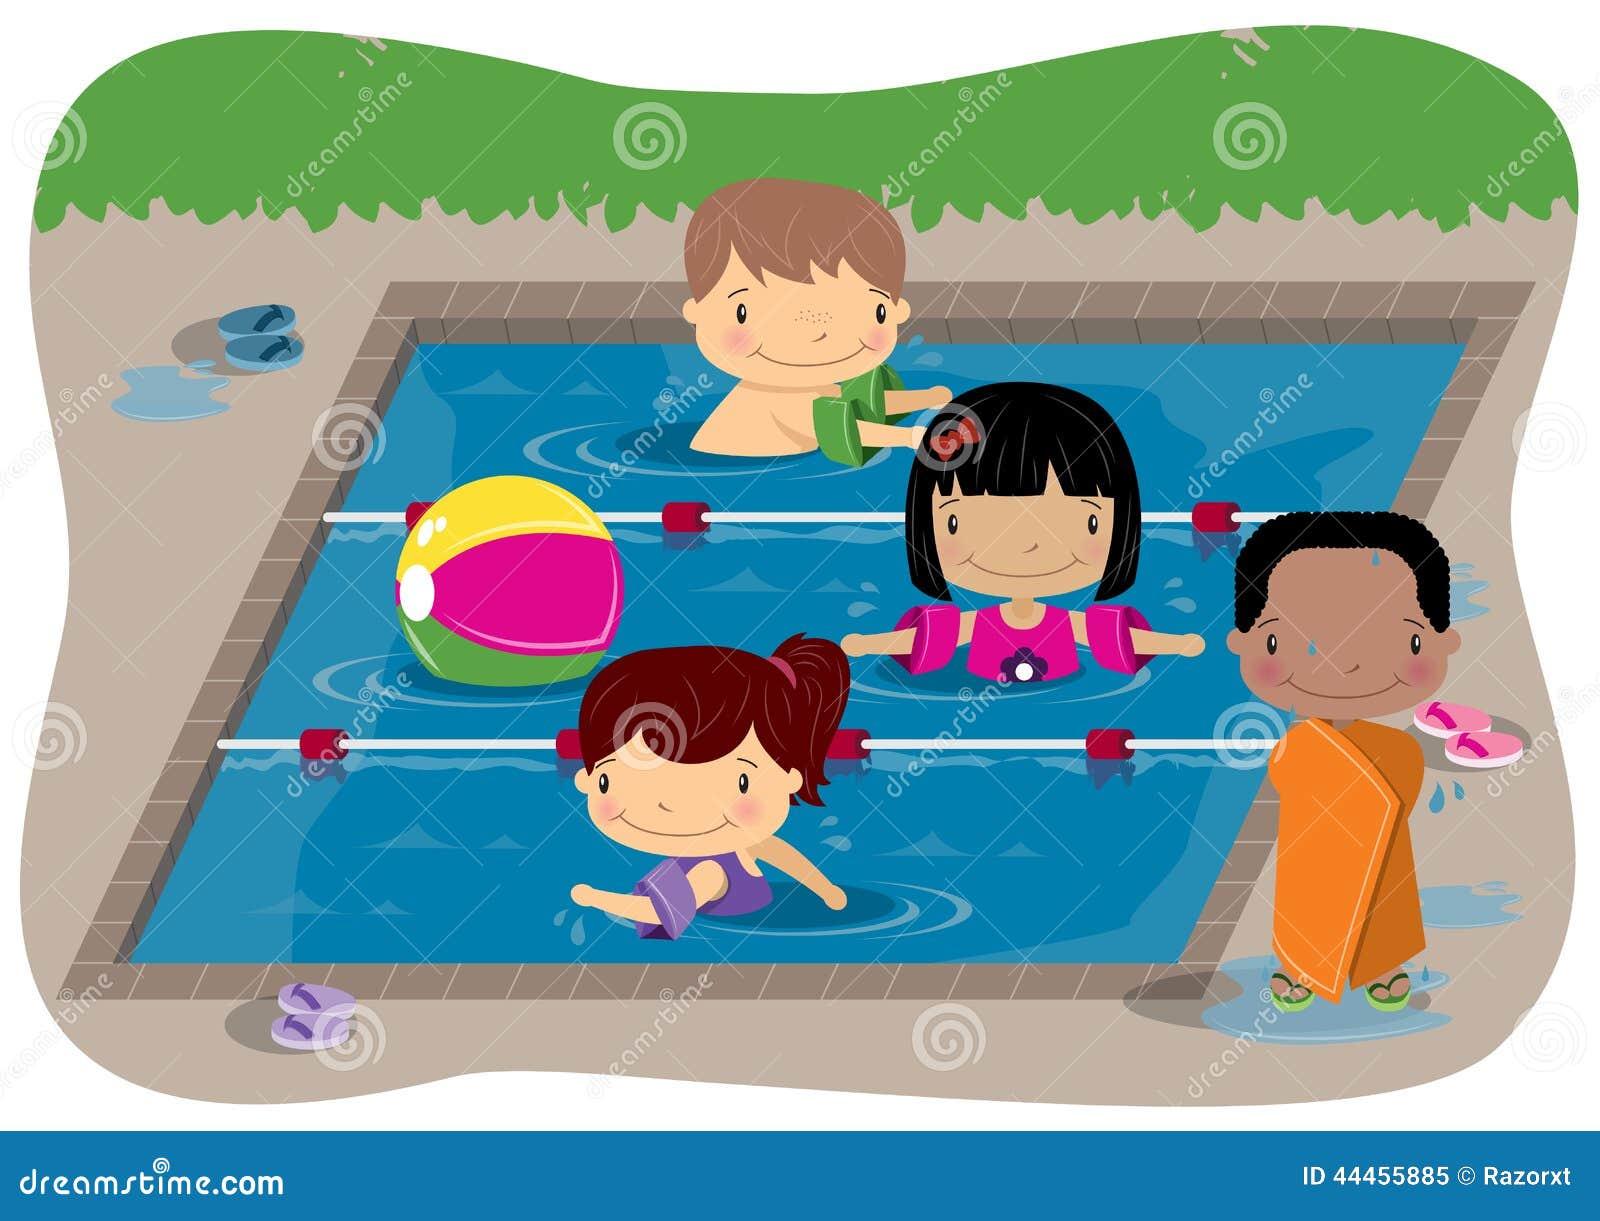 Bambini che nuotano illustrazione vettoriale immagine di - Corsi per neonati in piscina ...